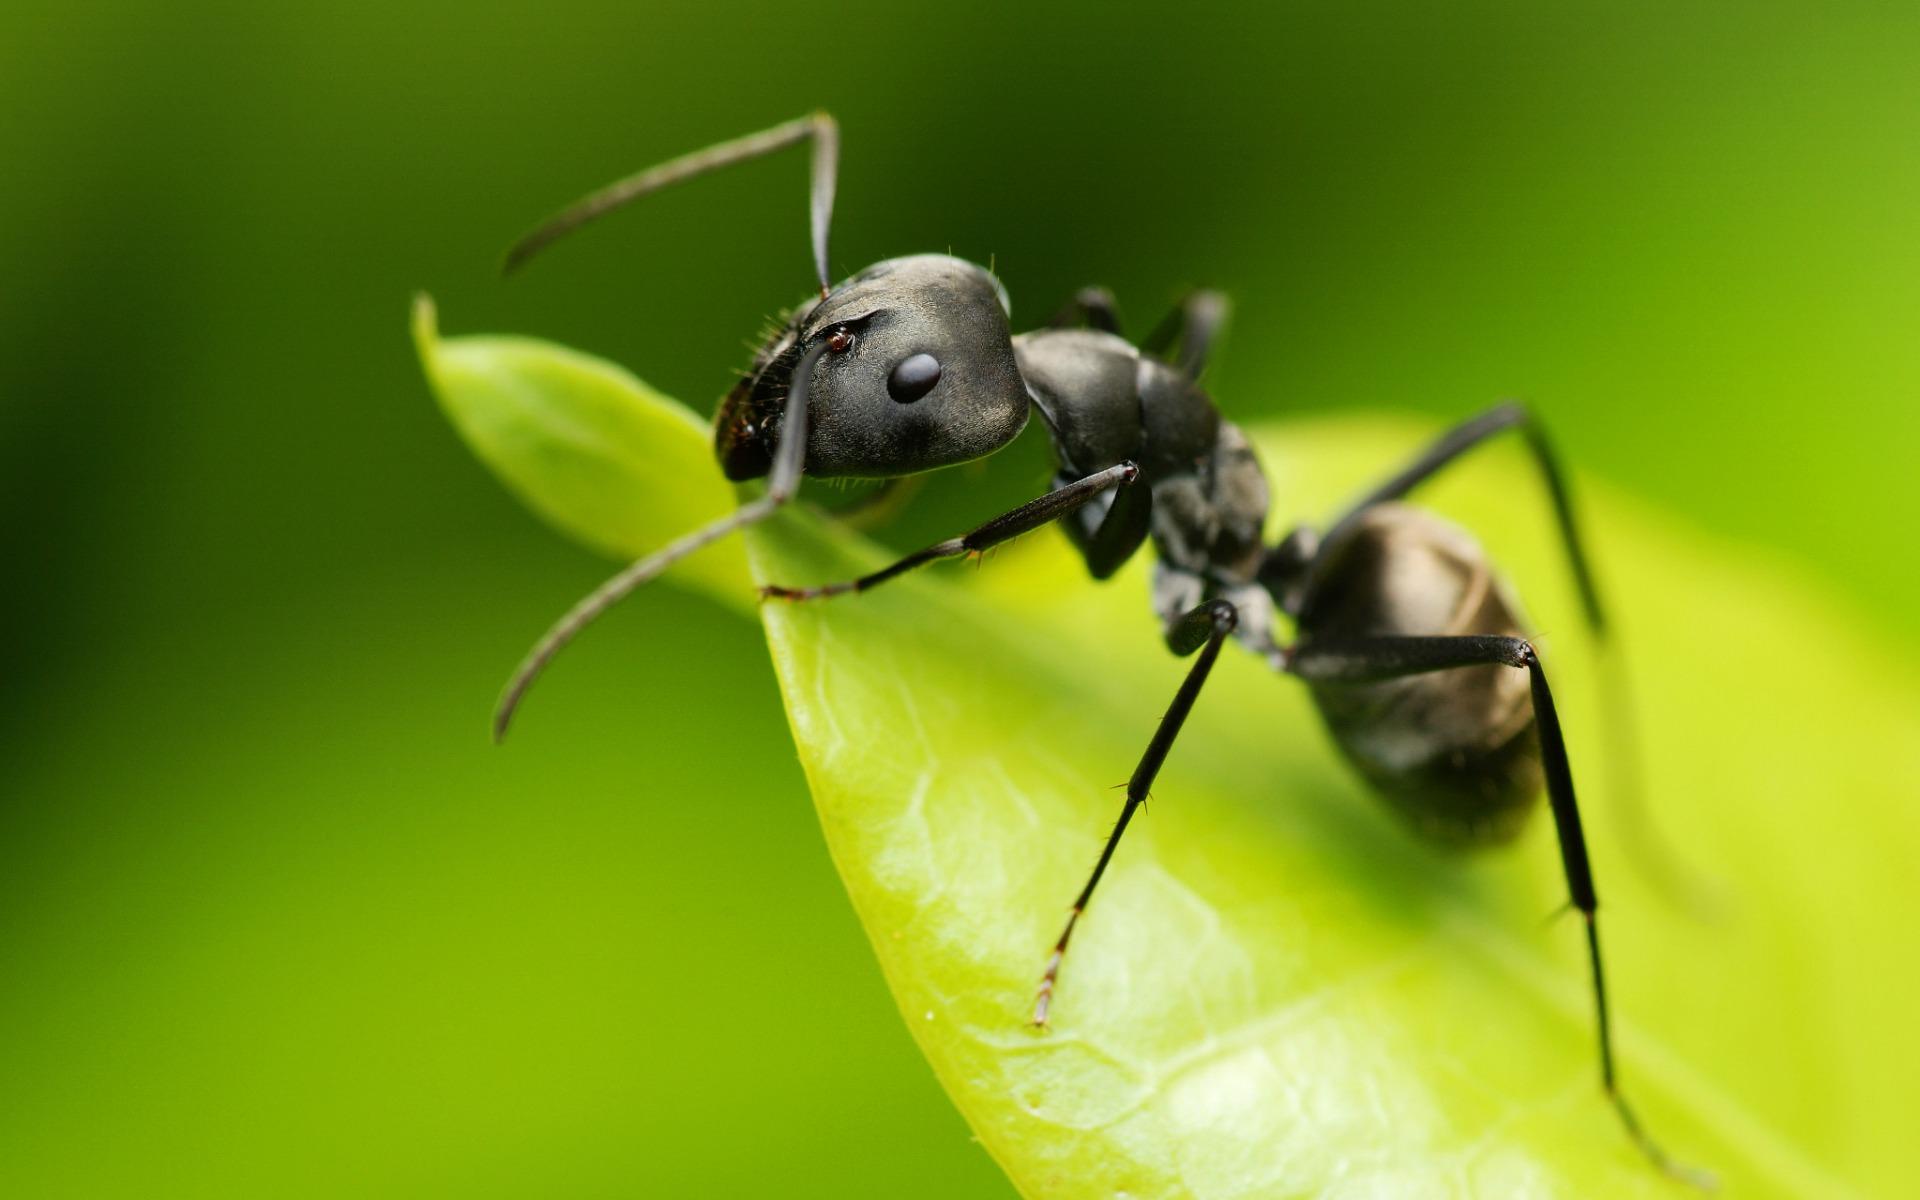 Recettes naturelles anti fourmis - Repulsif fourmi huile essentielle ...